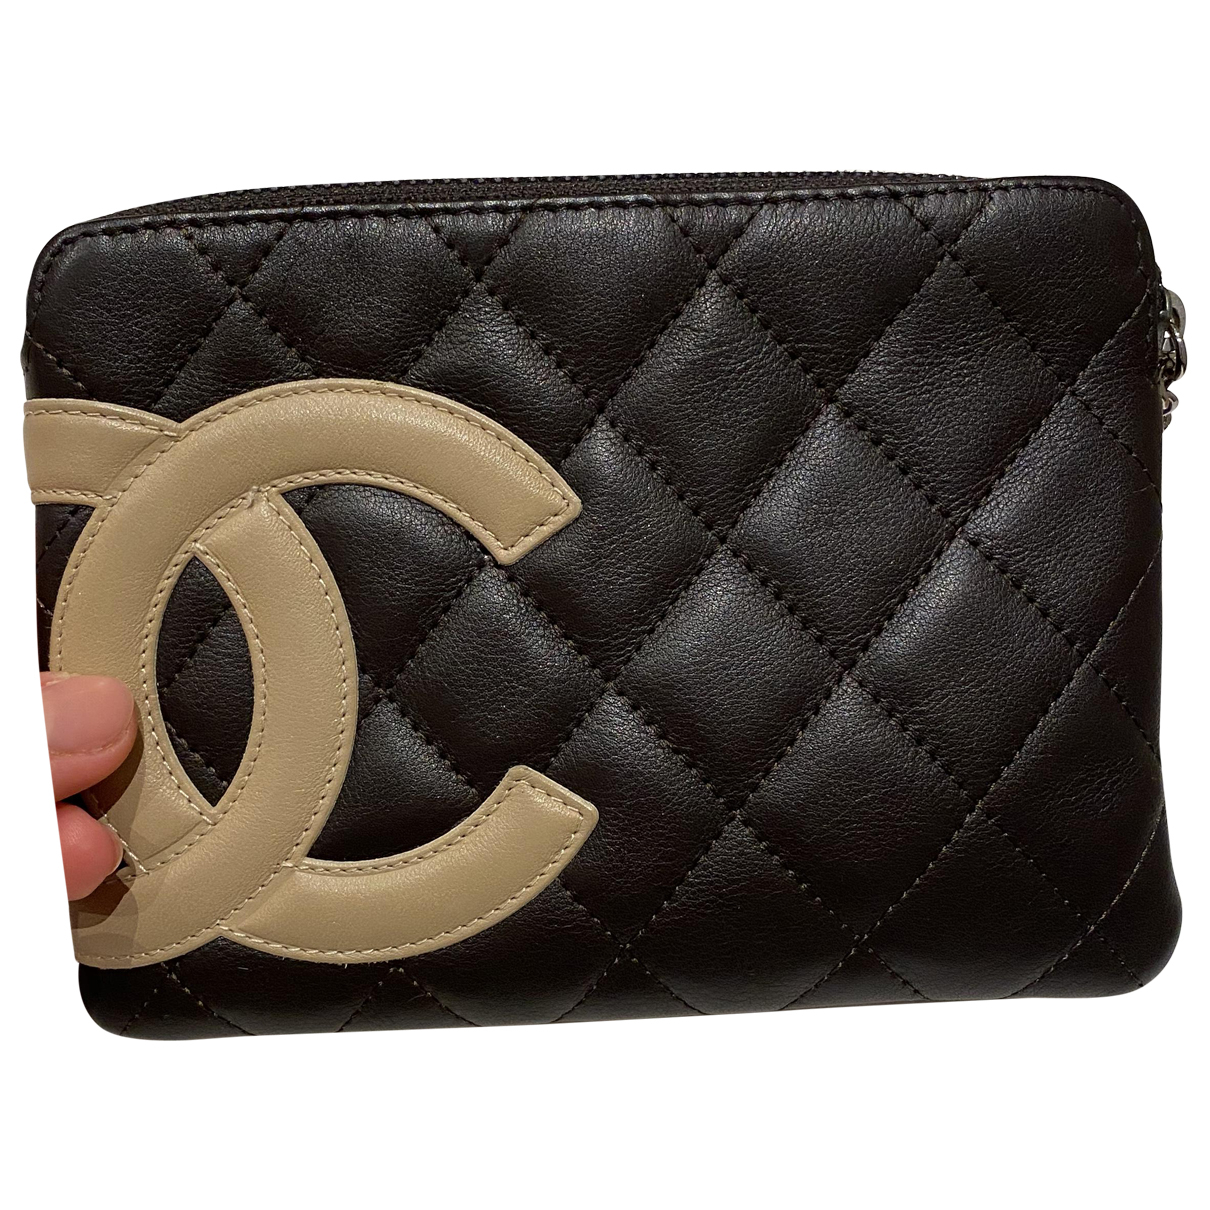 Chanel - Portefeuille   pour femme en cuir - marron